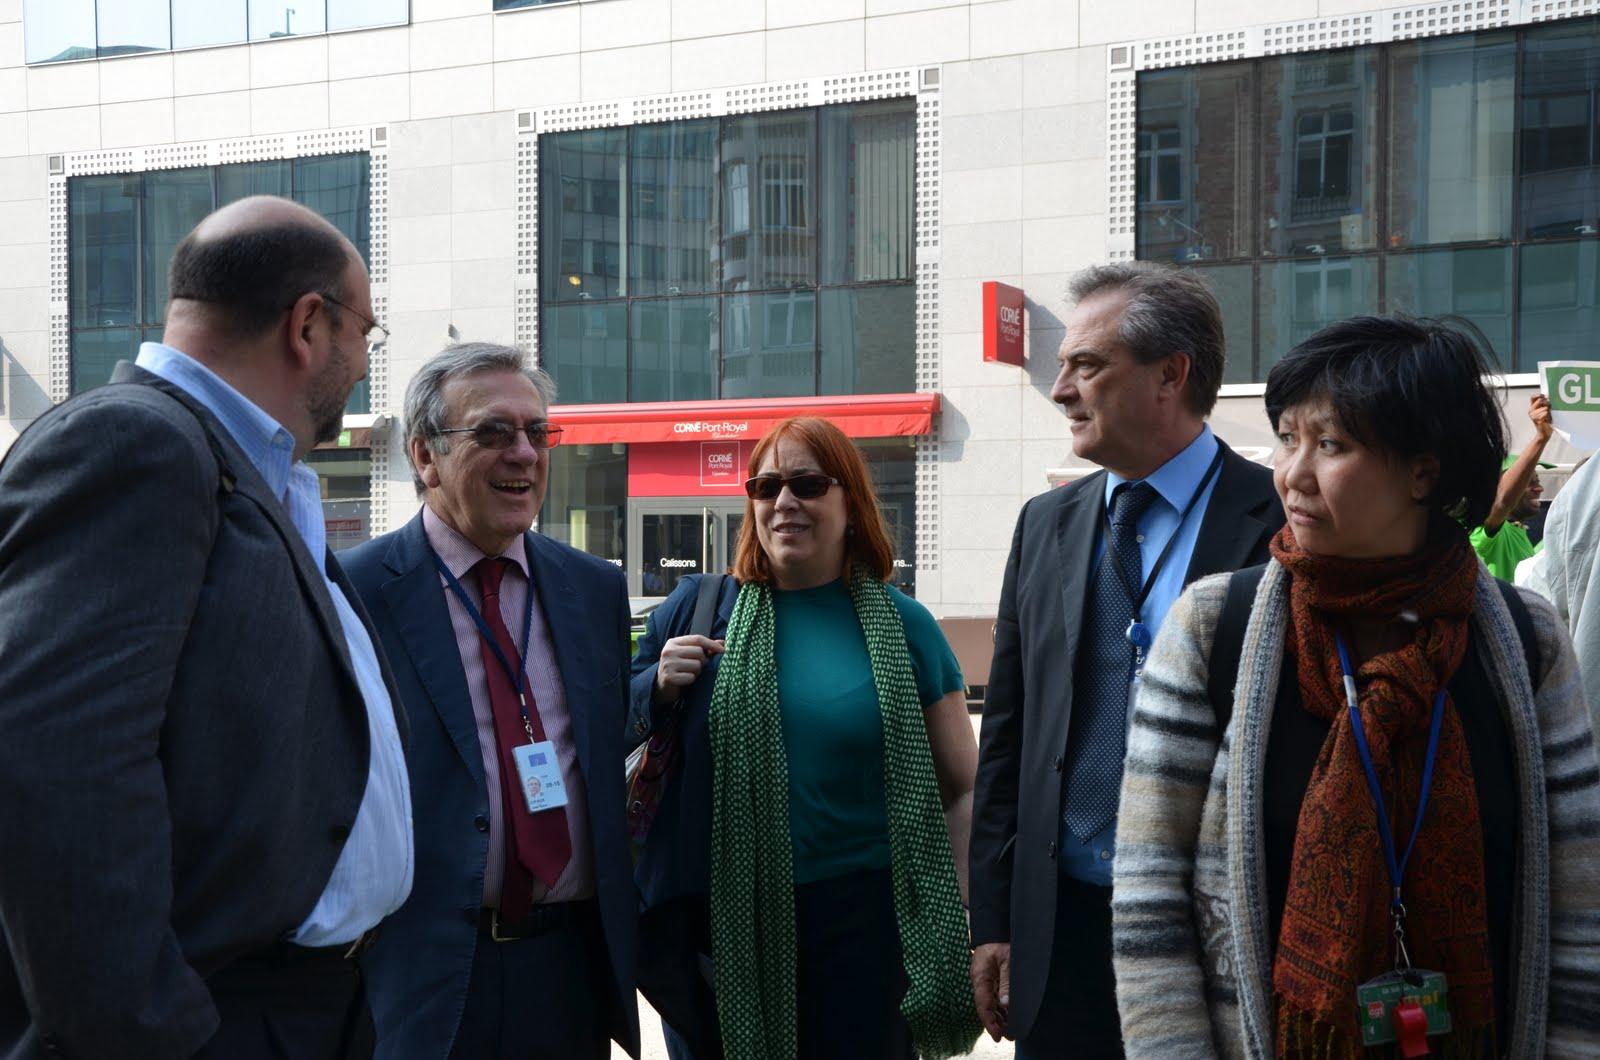 Juan Mendoza, José María Zufiaur, Isabel Caño, Giuseppe Iuliano and An Le Nouail